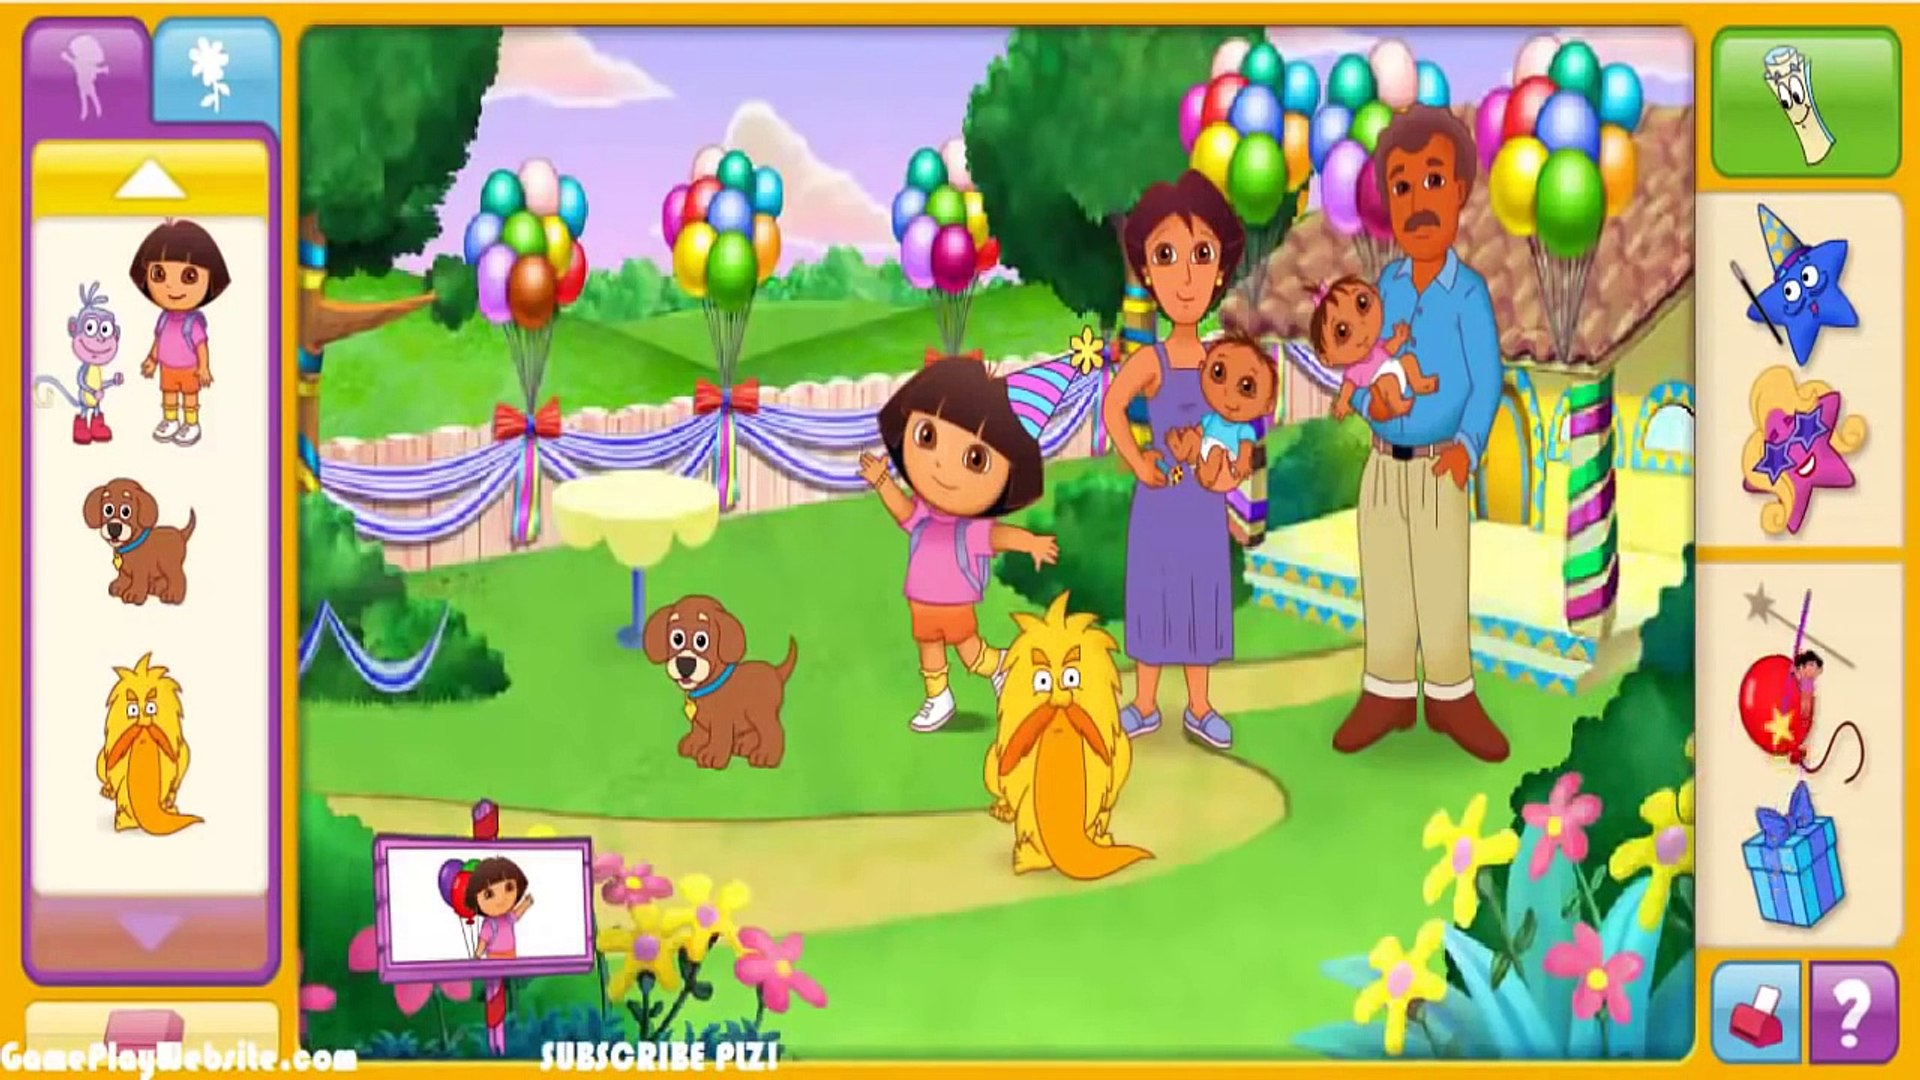 Dora lExploratrice en Anglais film complet de jeux et dessins animés #18# # Watch Play Games #